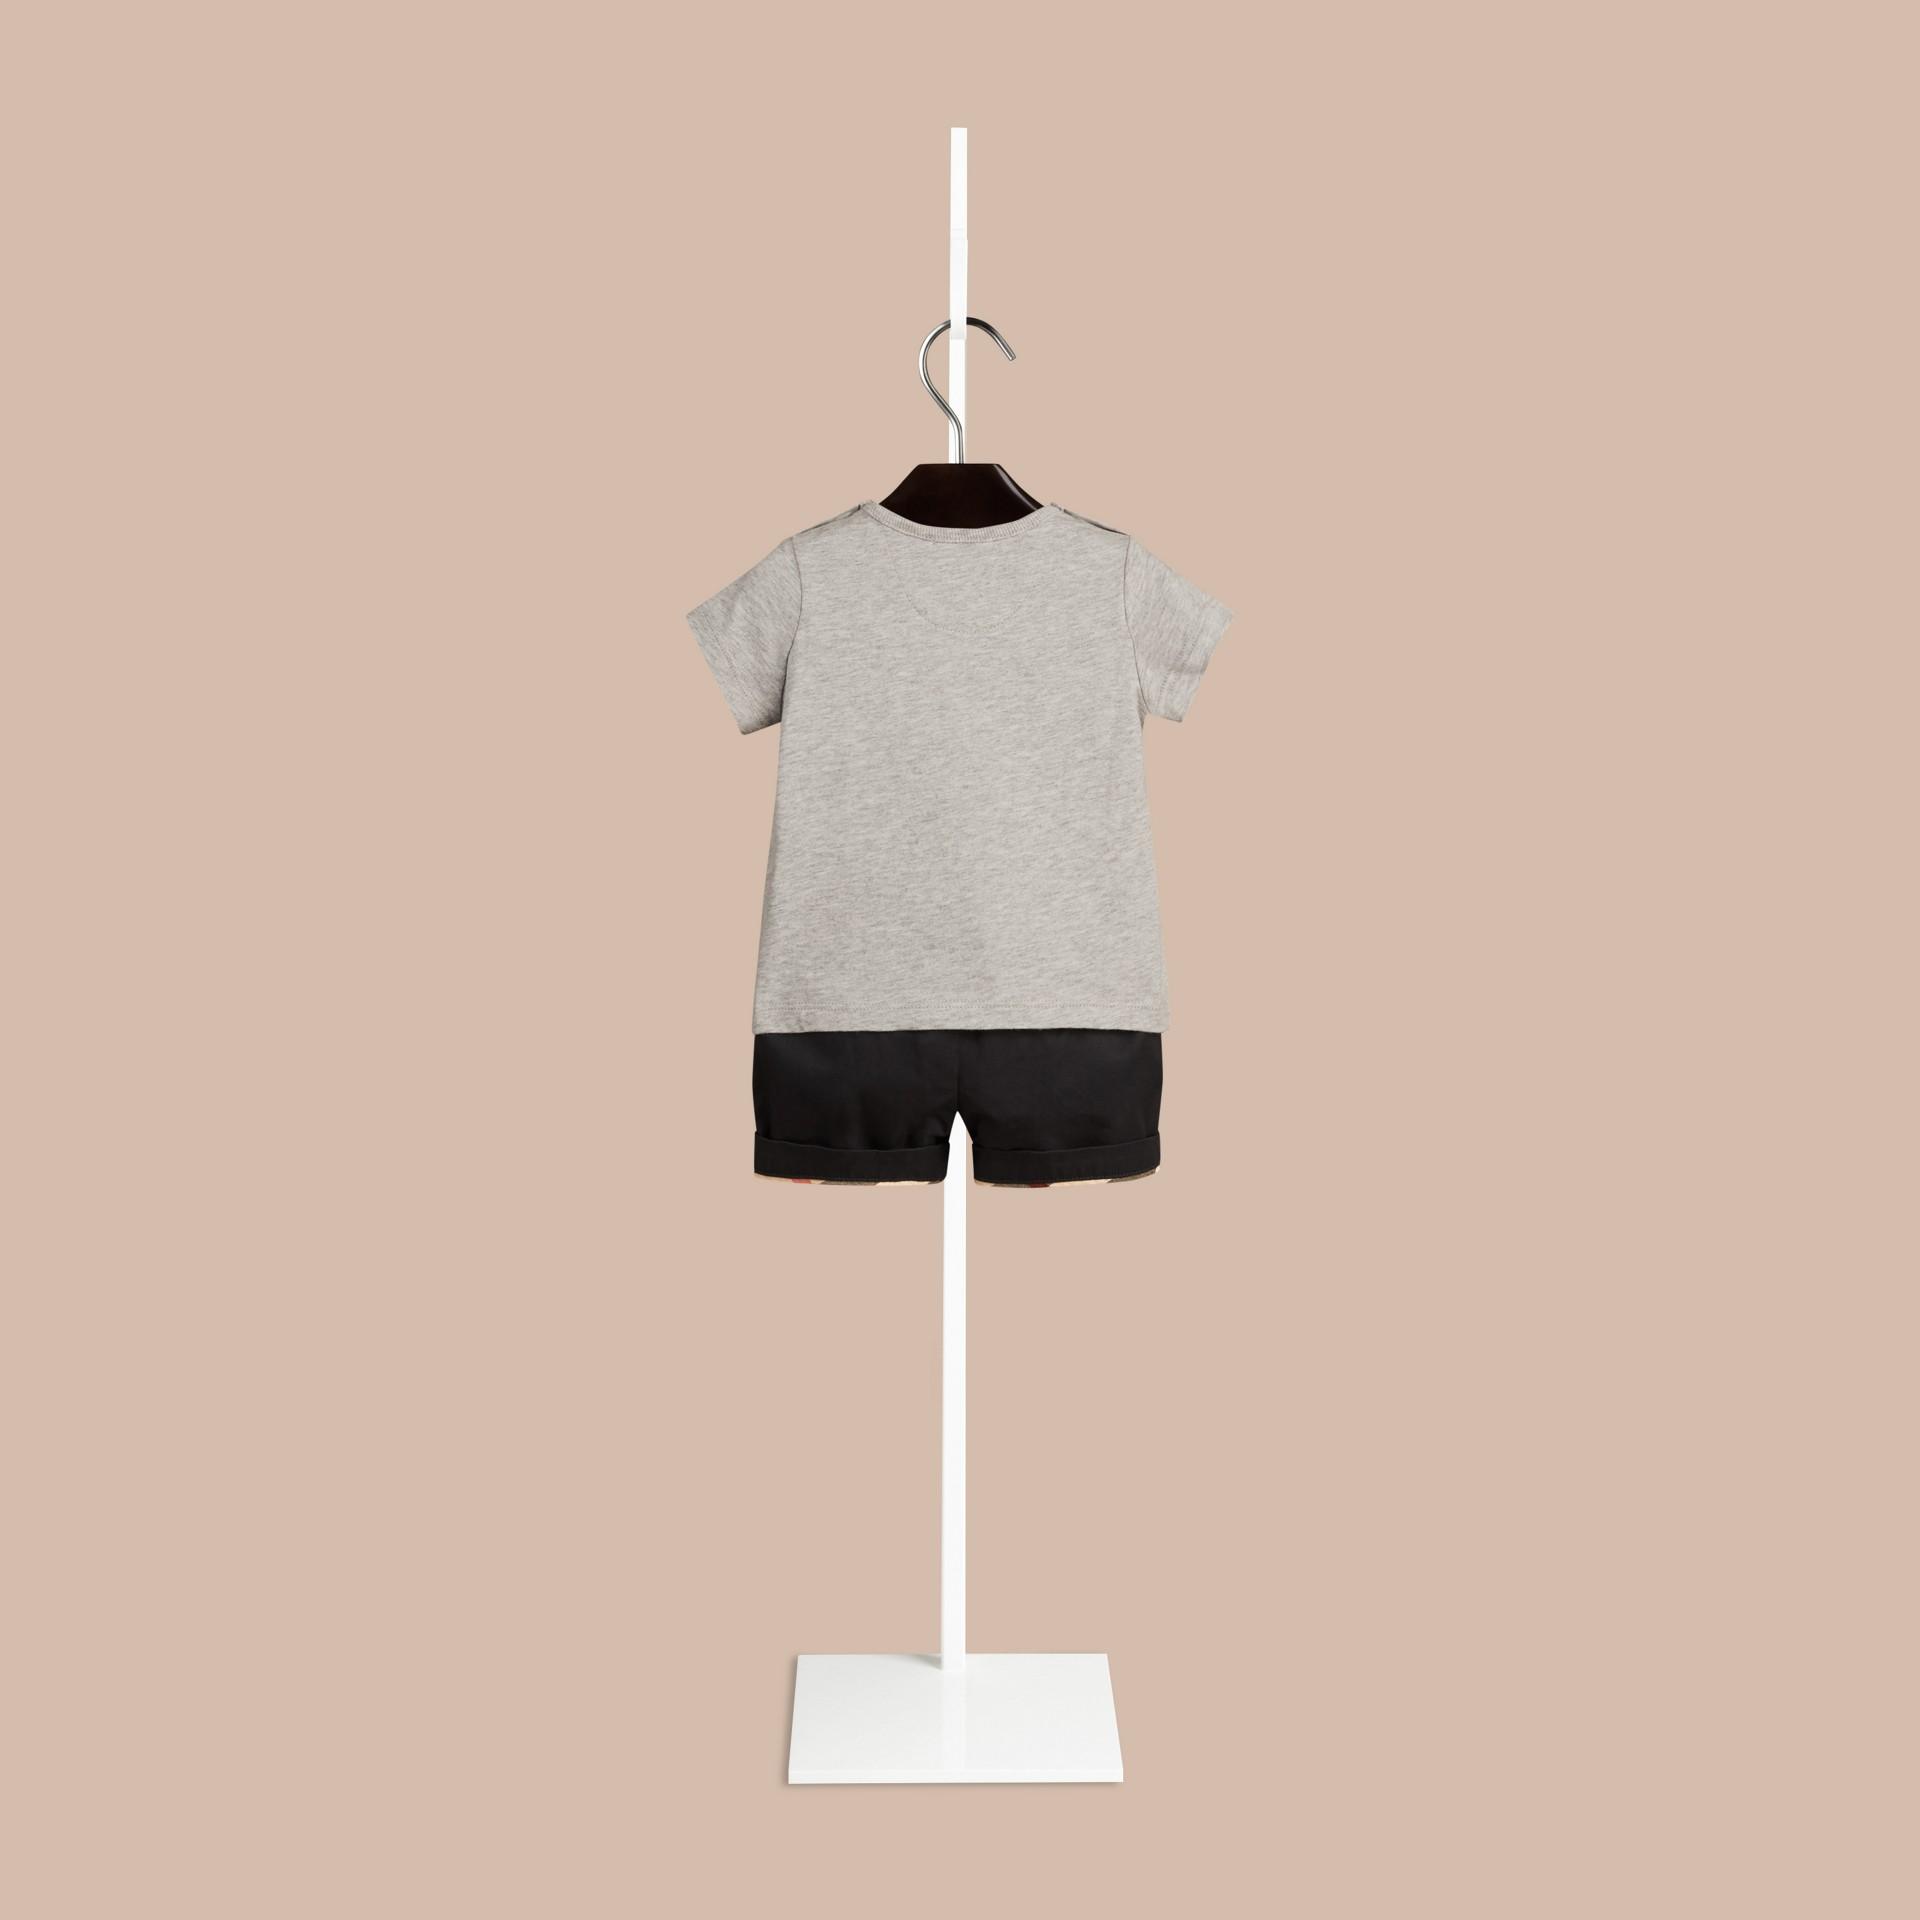 그레이 멜란지 치타 그래픽 코튼 티셔츠 그레이 멜란지 - 갤러리 이미지 2